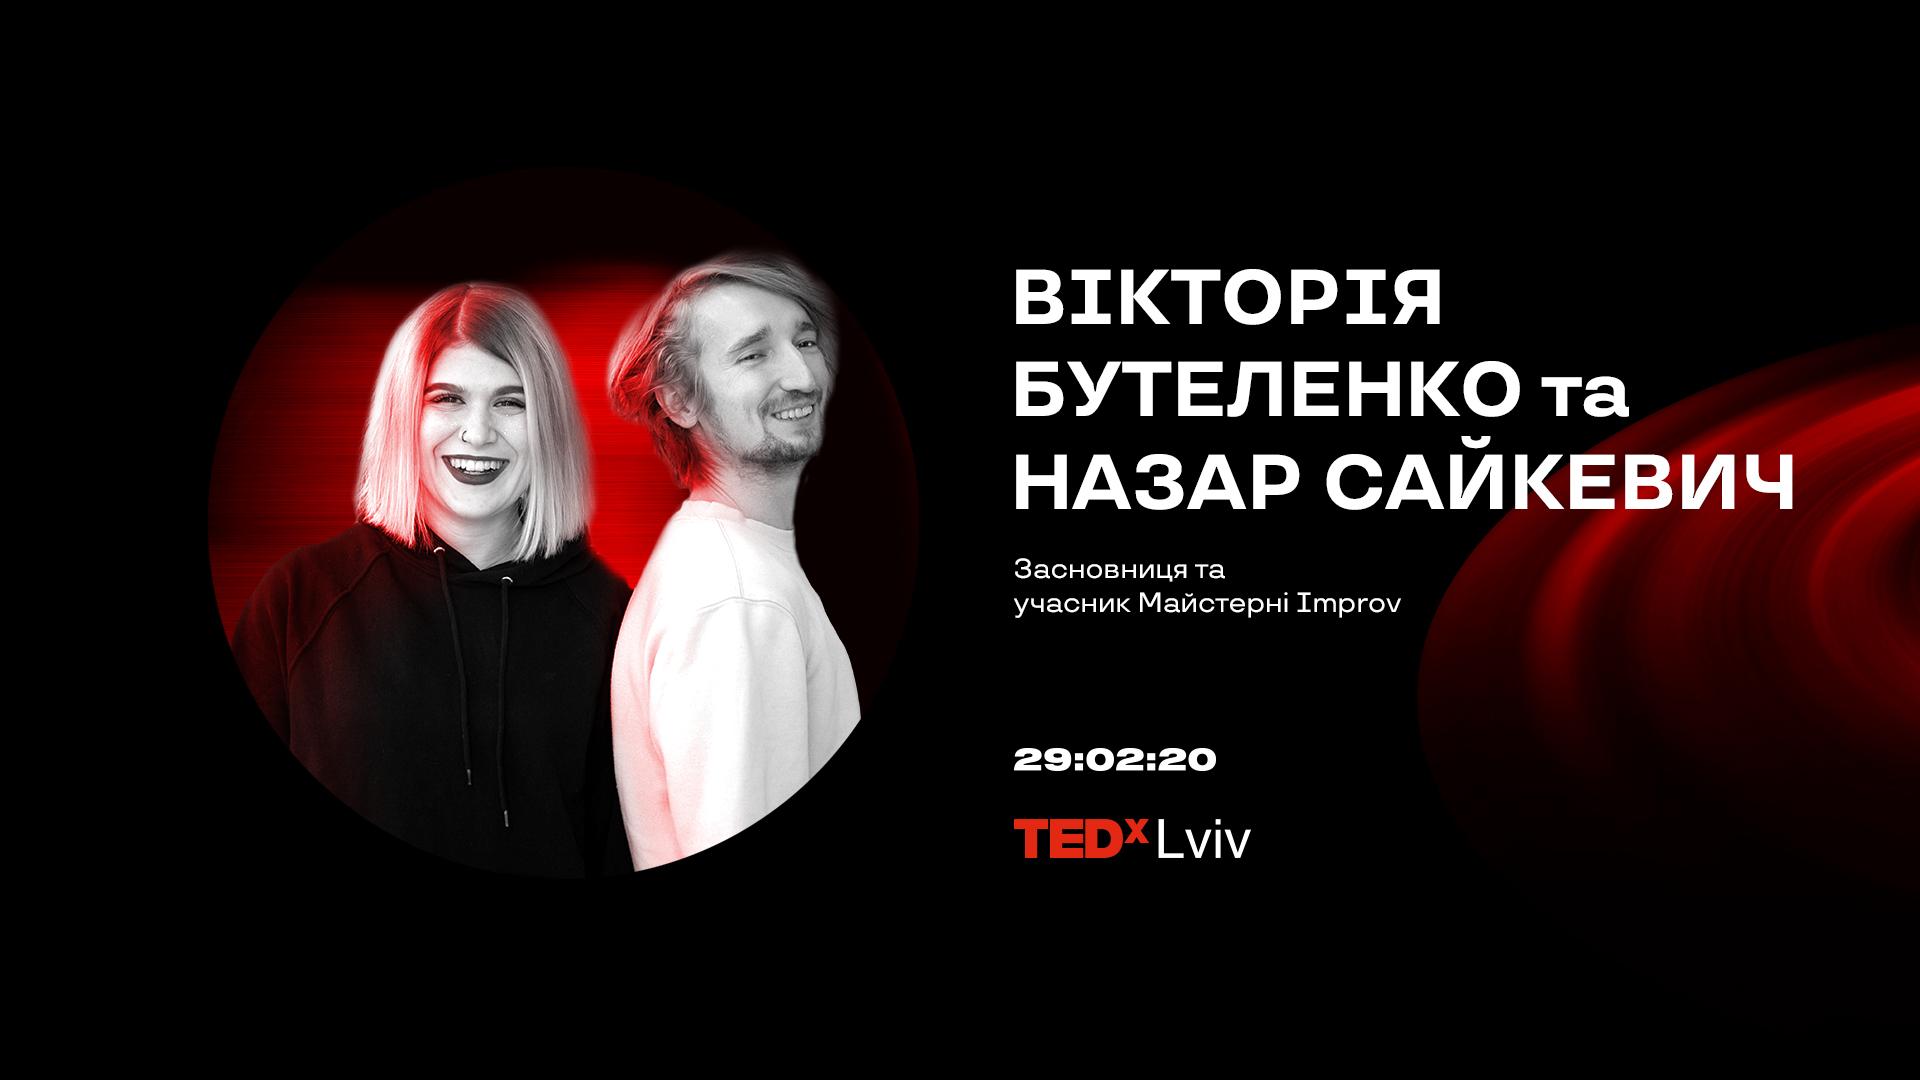 Вікторія Бутеленко і Назар Сайкевич